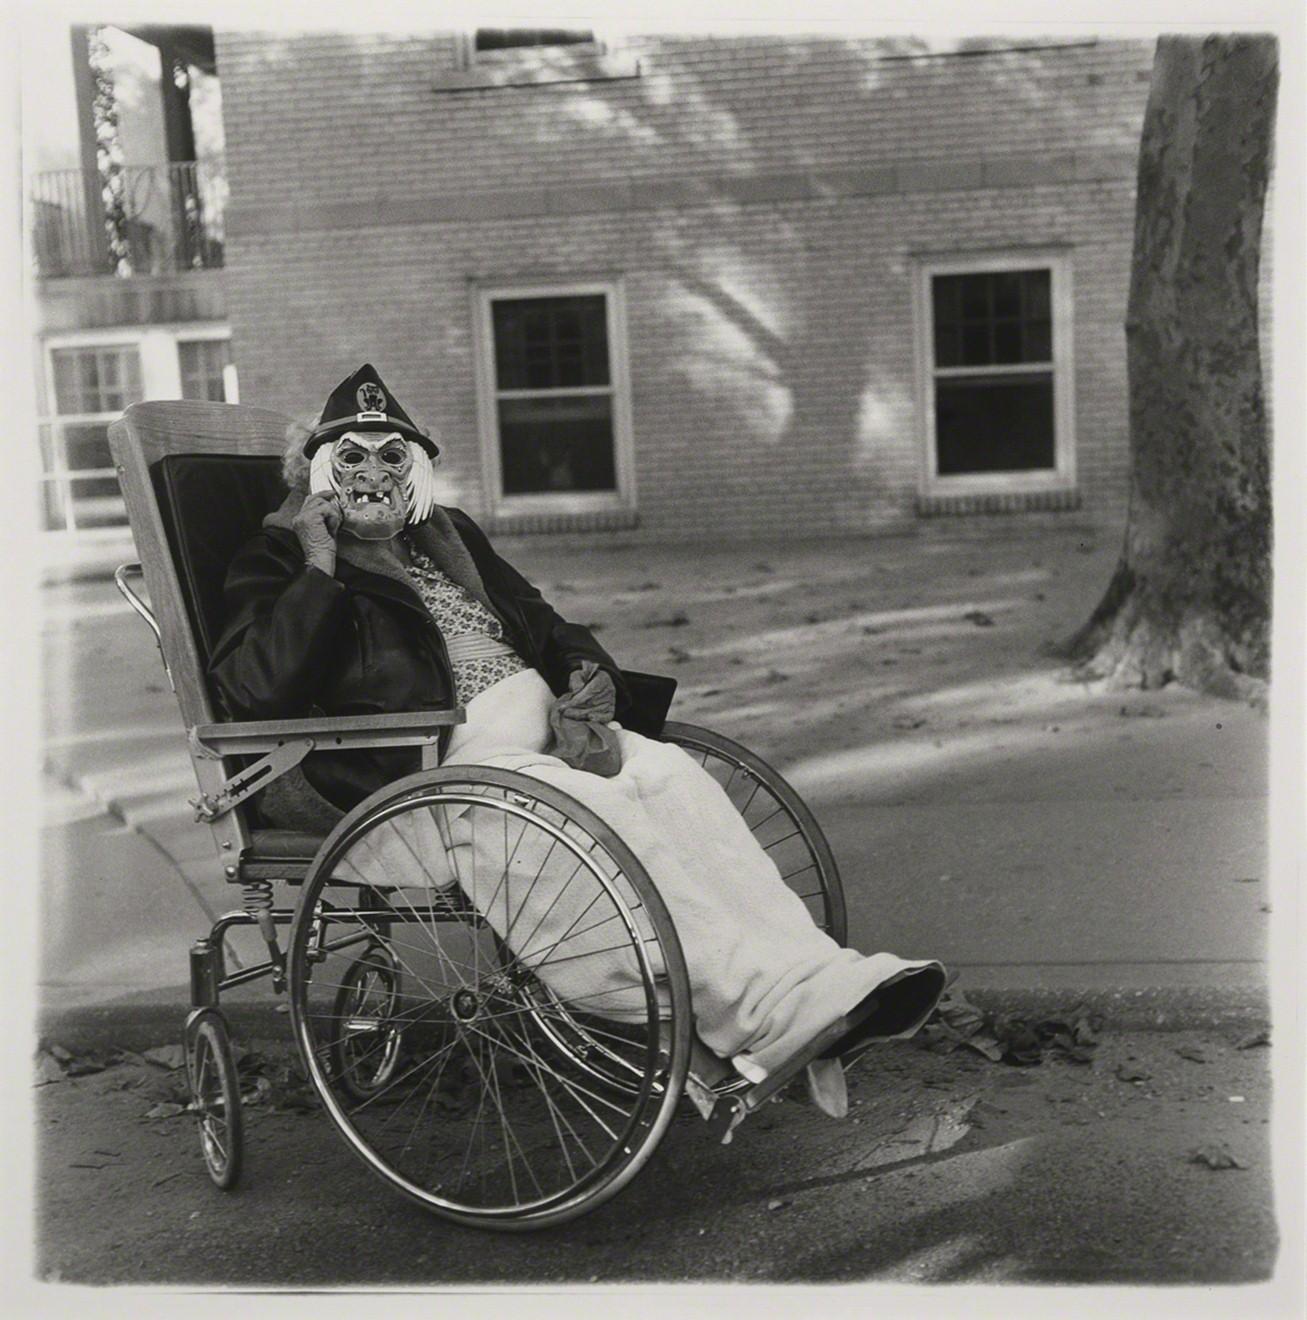 Женщина в маске в инвалидной коляске, Пенсильвания, 1970. Фотограф Диана Арбус